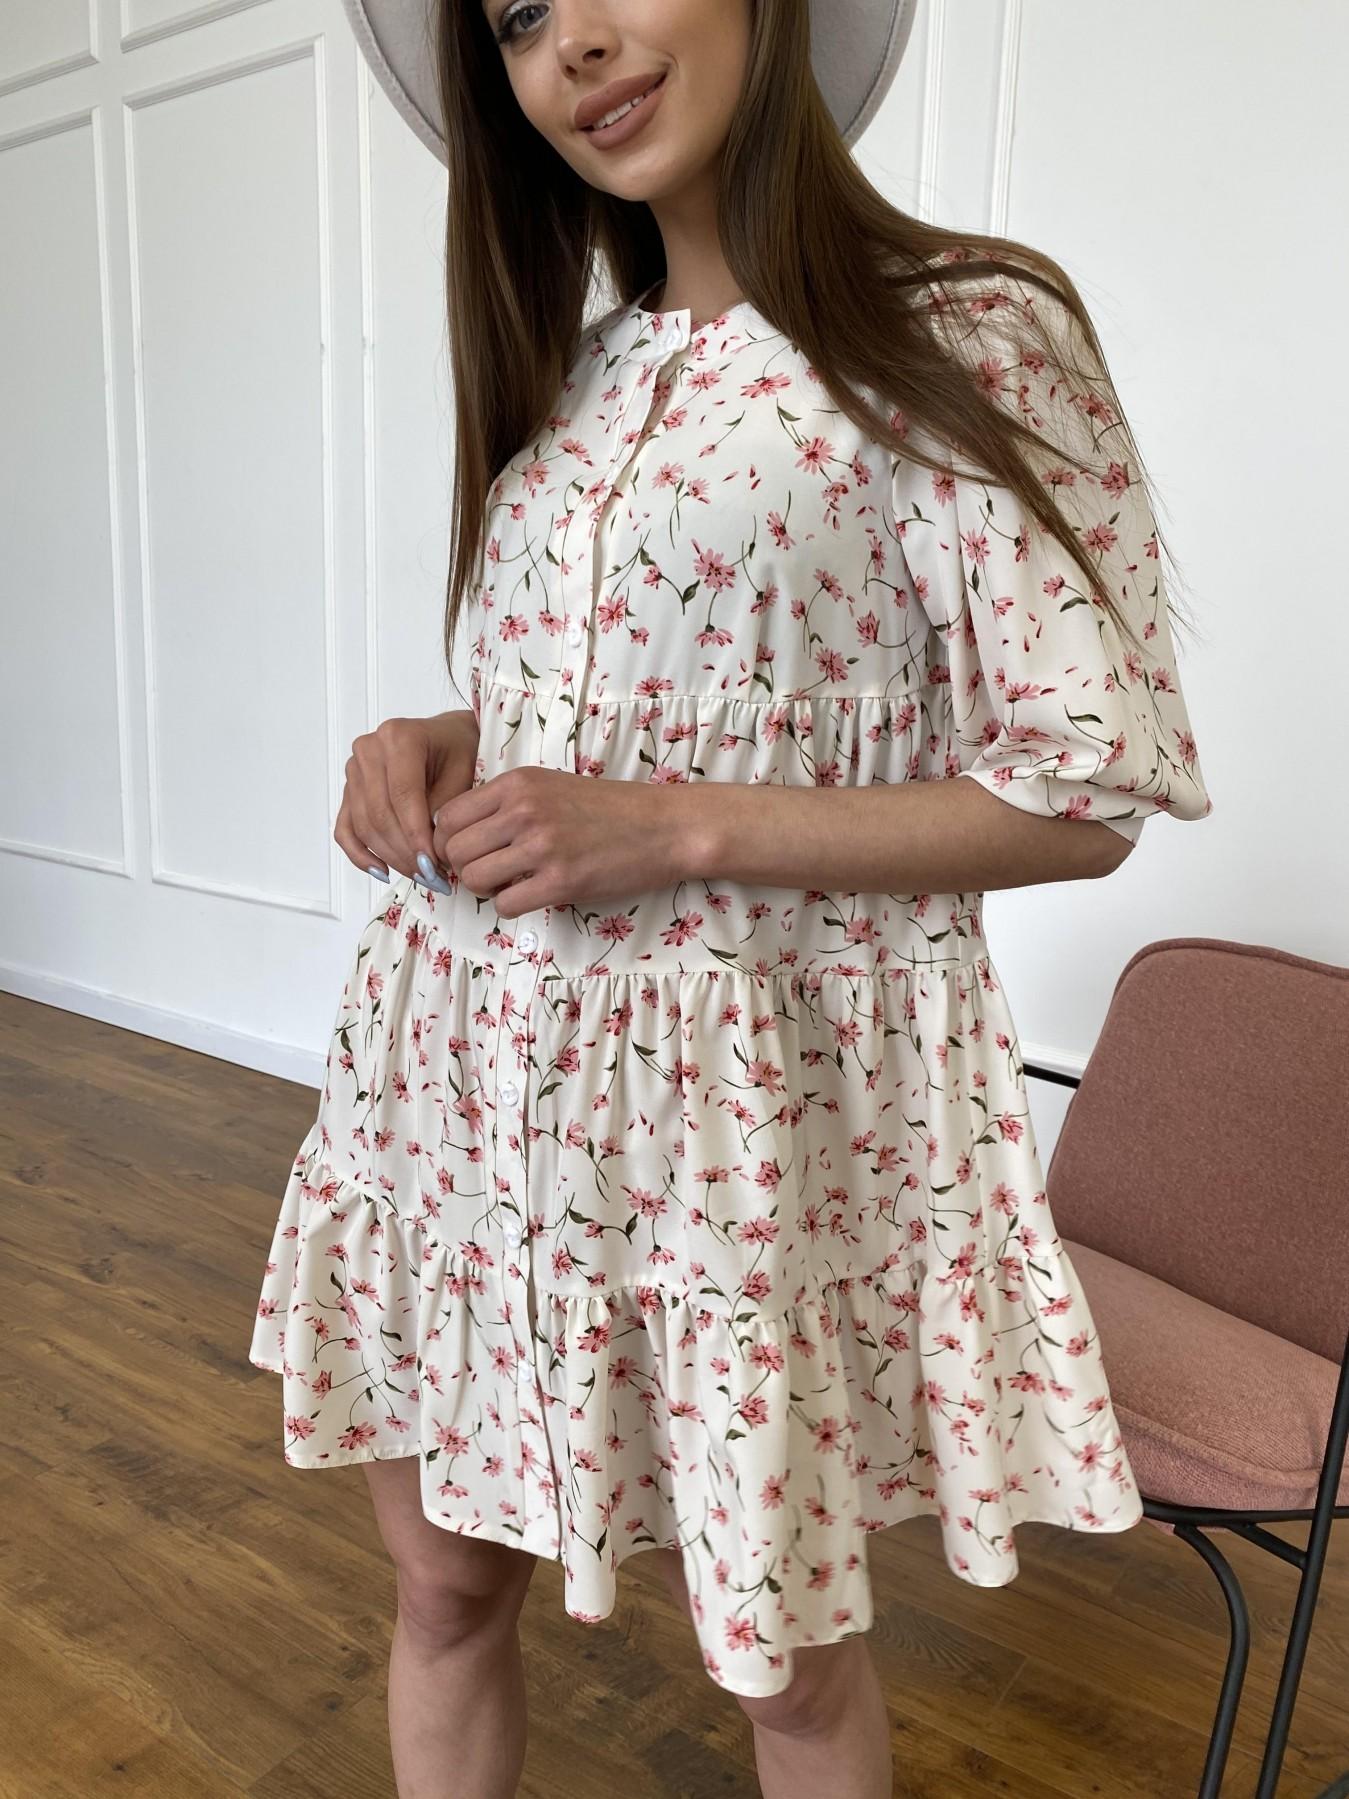 Берри платье из ткани софт в принт 11211 АРТ. 47724 Цвет: Молоко/розовый, Цветы - фото 3, интернет магазин tm-modus.ru